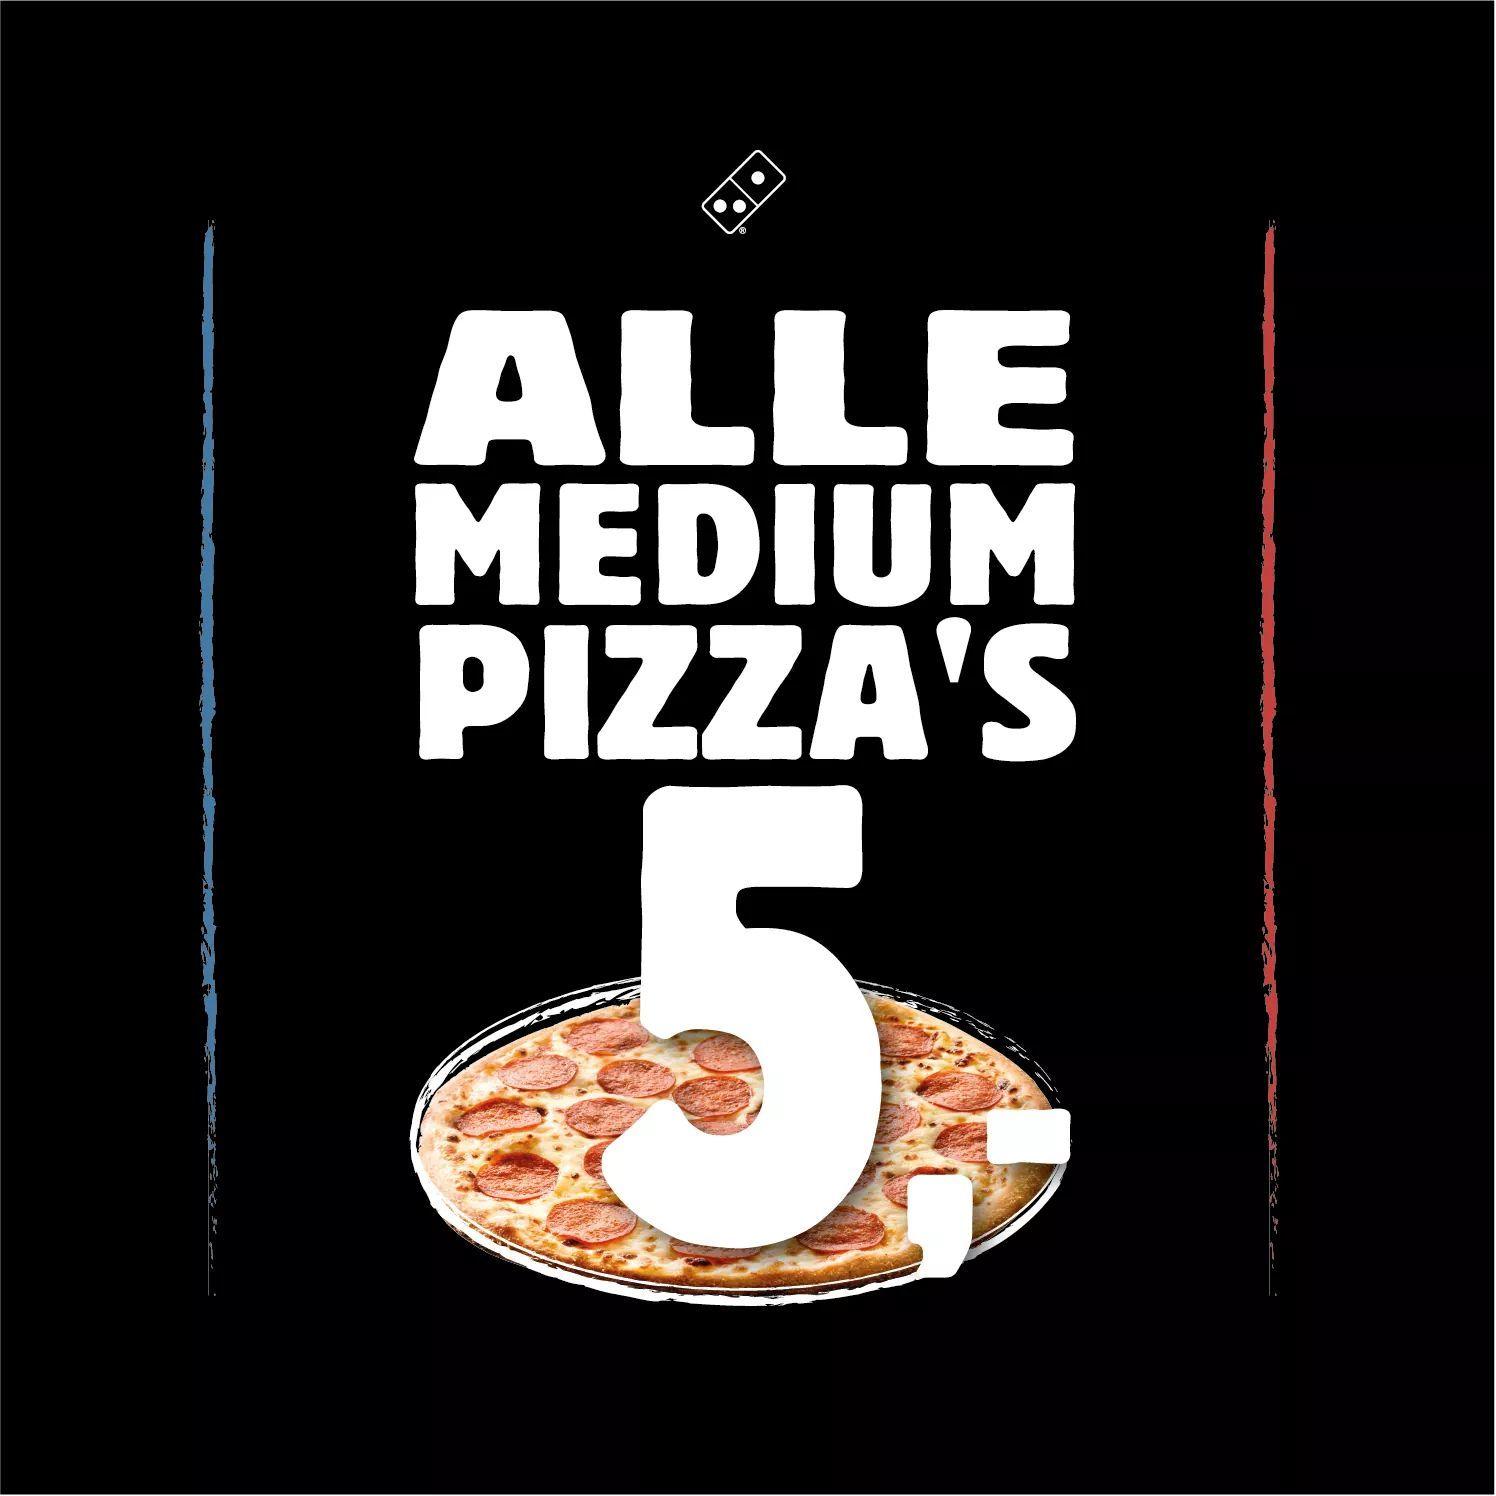 Alle medium pizza's €5 bij afhalen voor twee maand (December en januari) @Domino's